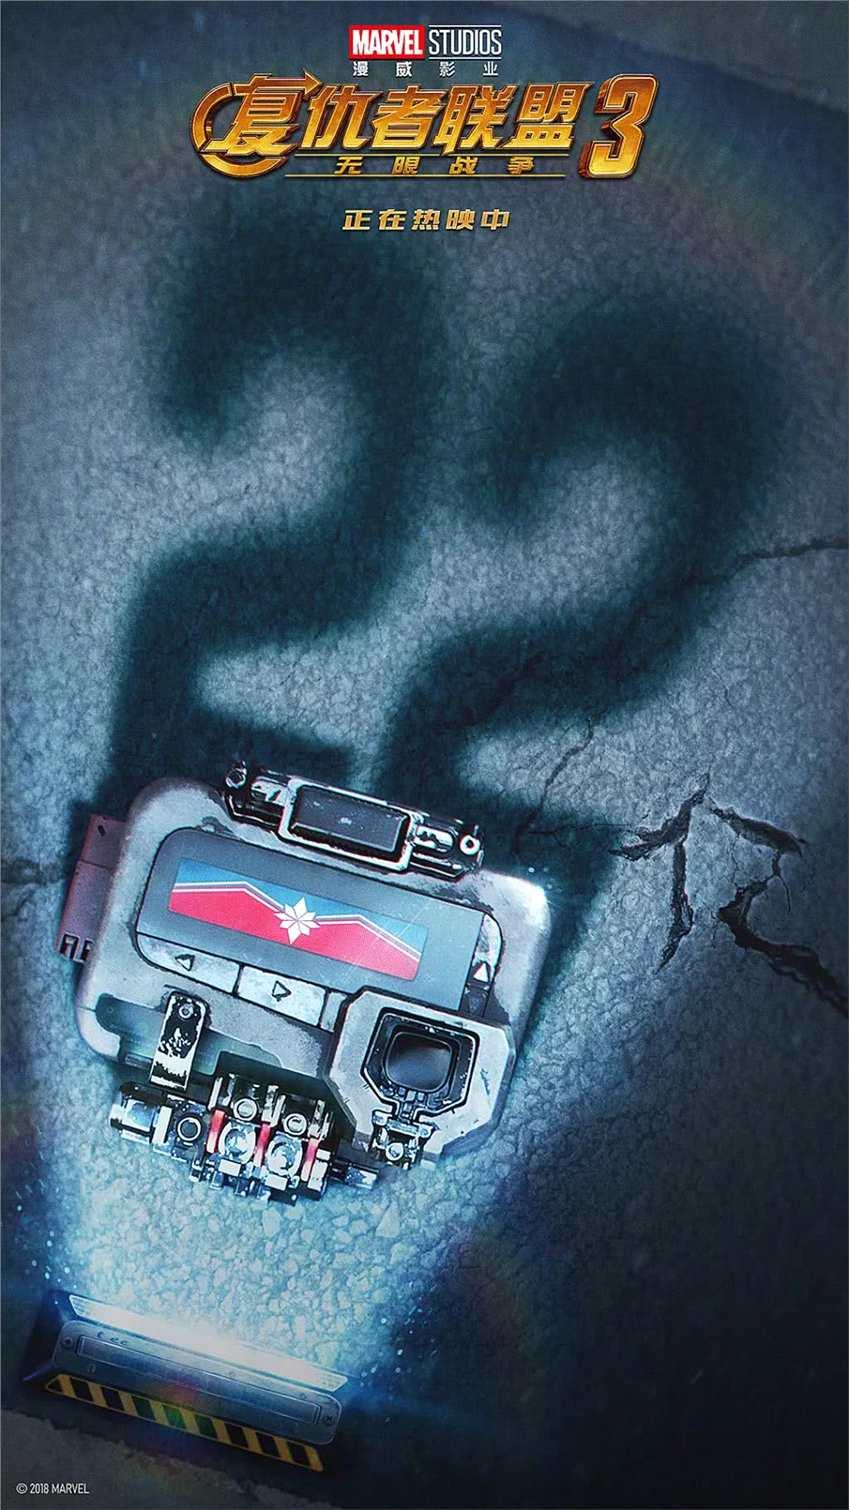 《复仇者联盟3》破亿海报全套,23亿来了!灭霸带你看日出